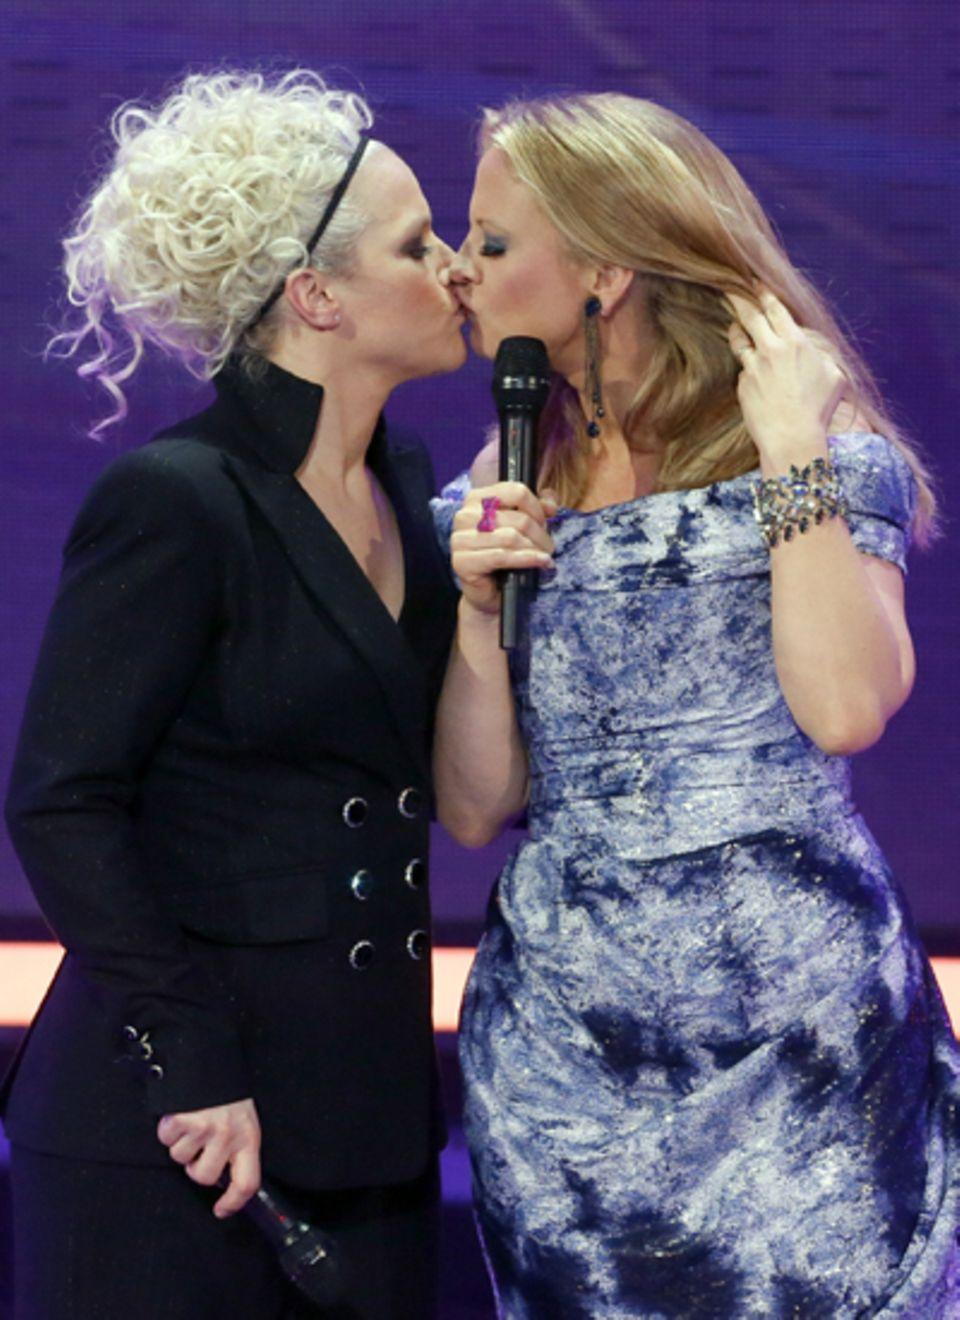 Das Moderatorengespann Ina Müller und Barbara Schöneberger sorgen mit ihrem Kuss für einen Hingucker-Moment und erinnern damit a